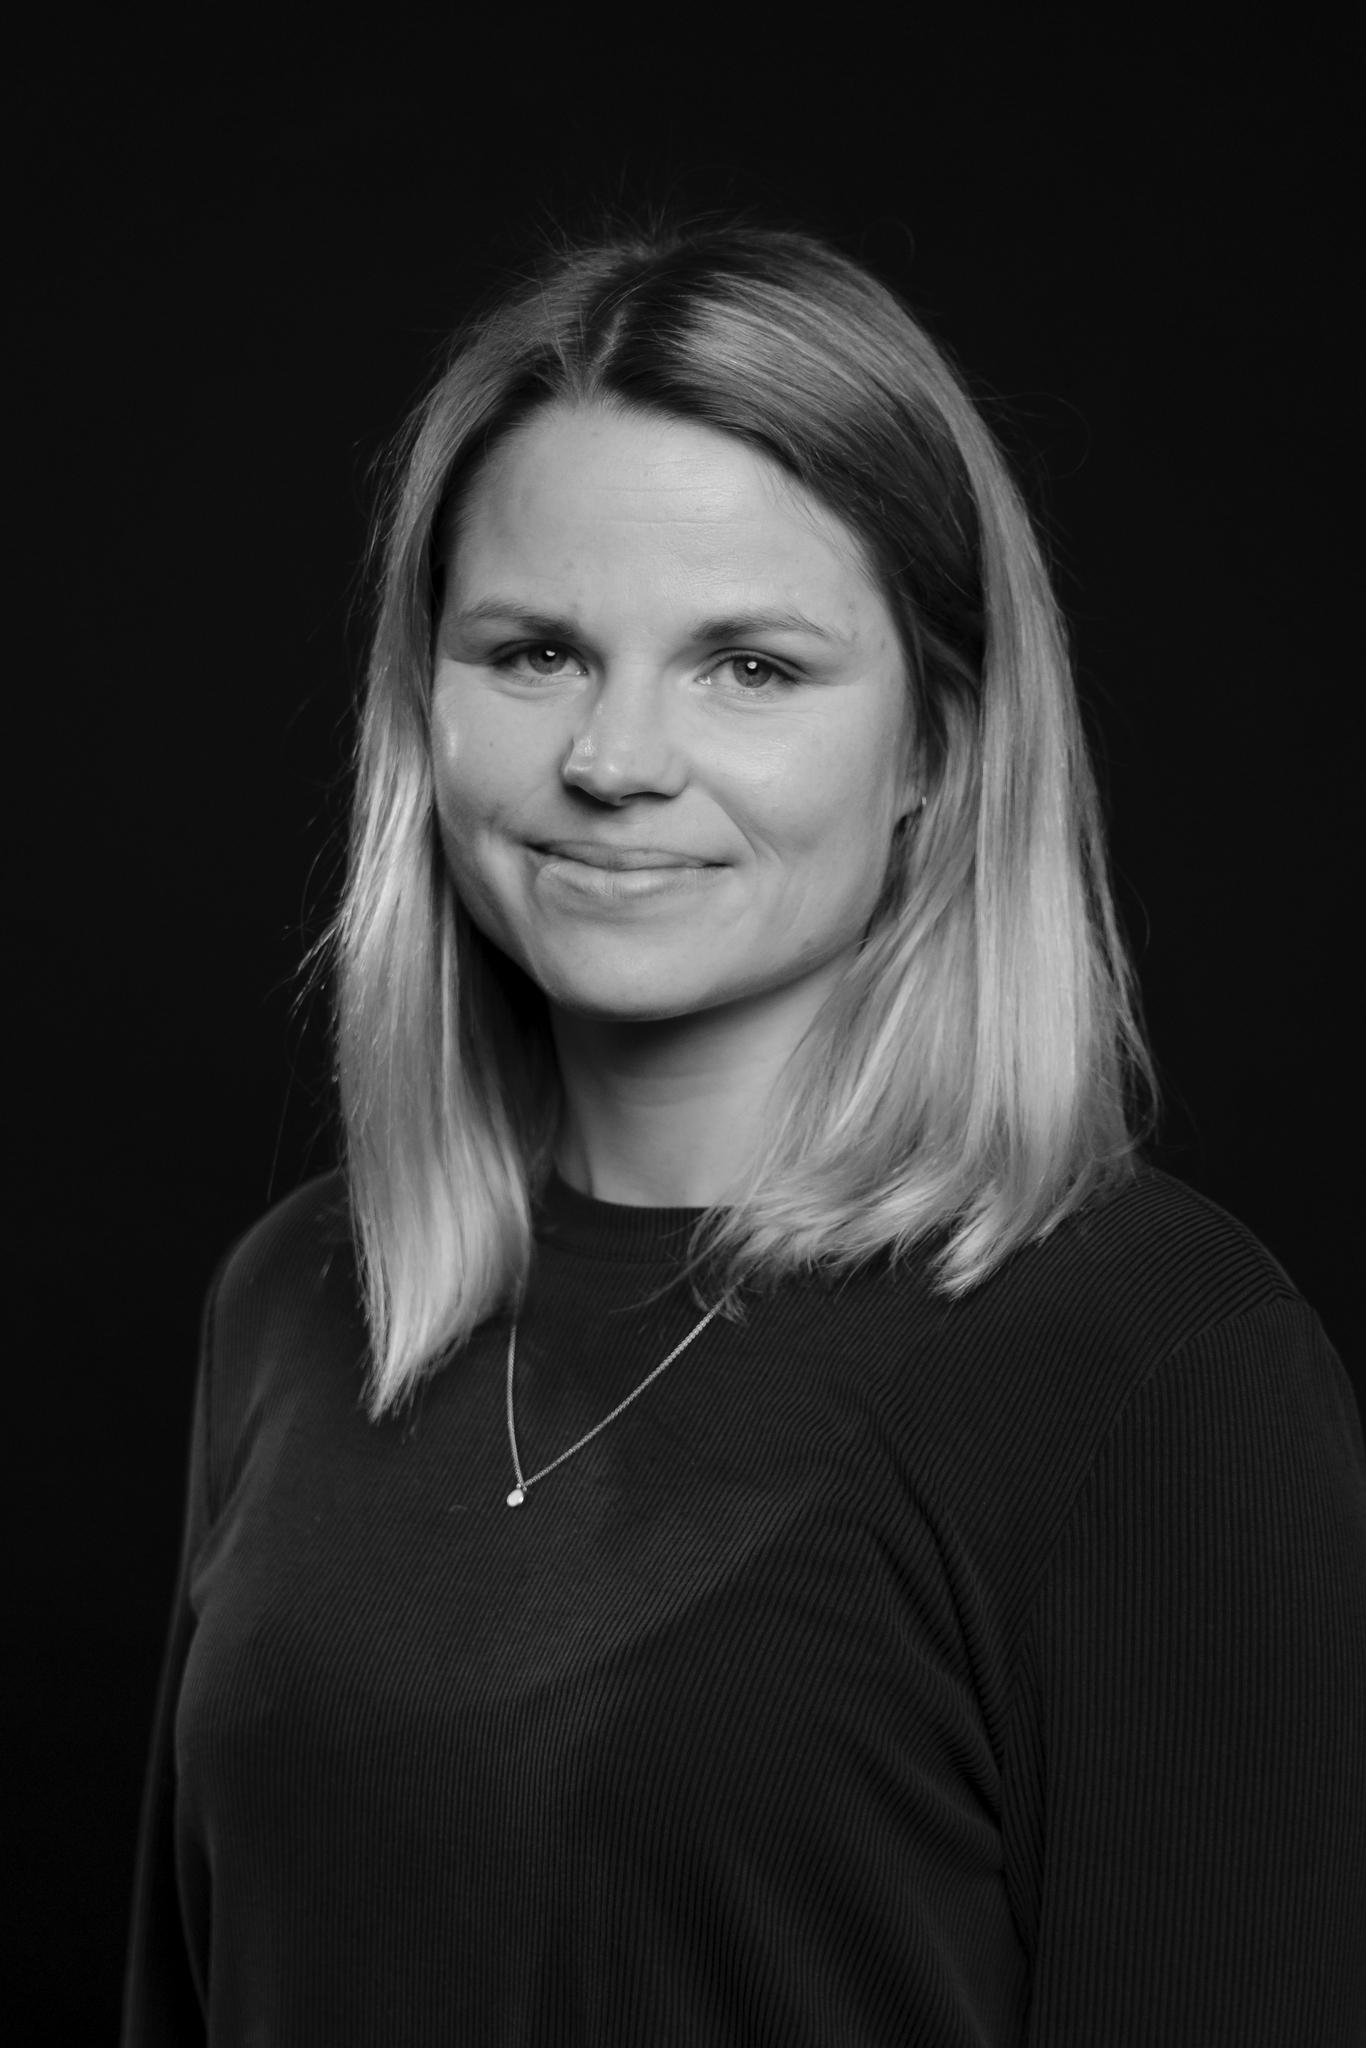 Nicoline Hansen-Tangen image 1